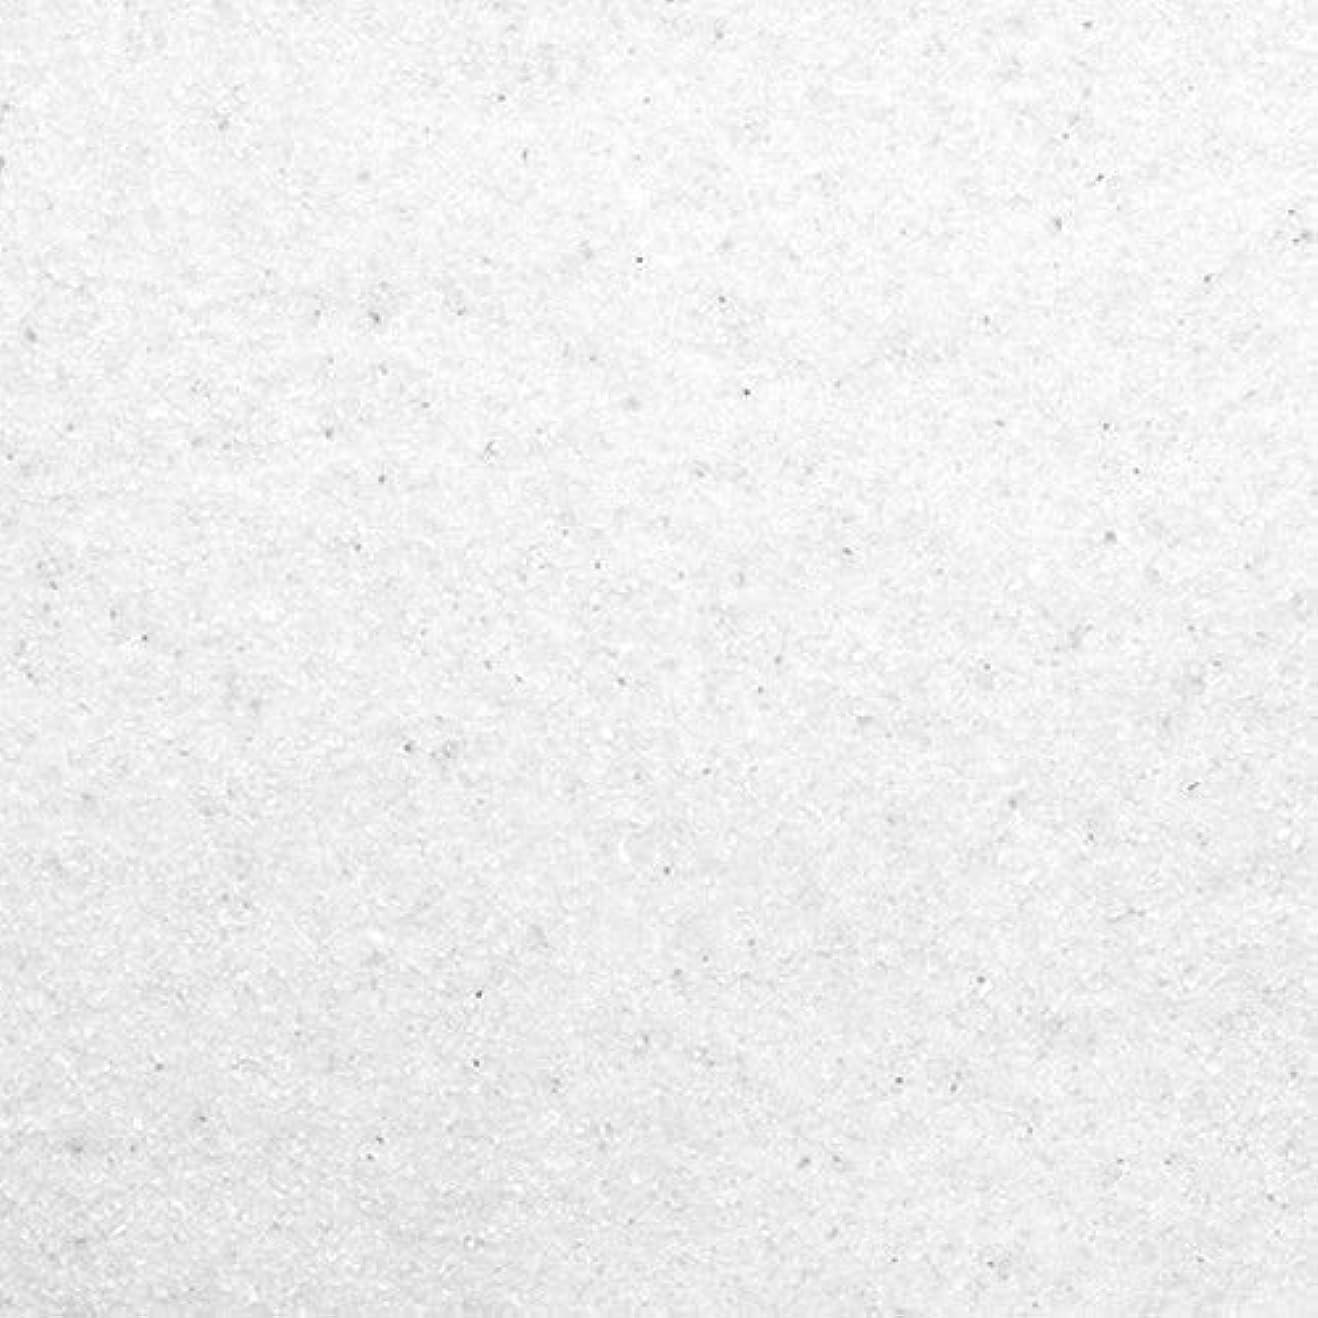 16ozホワイトバルクカラー樹脂Incense Burner熱吸収/ Decorating Sandアート